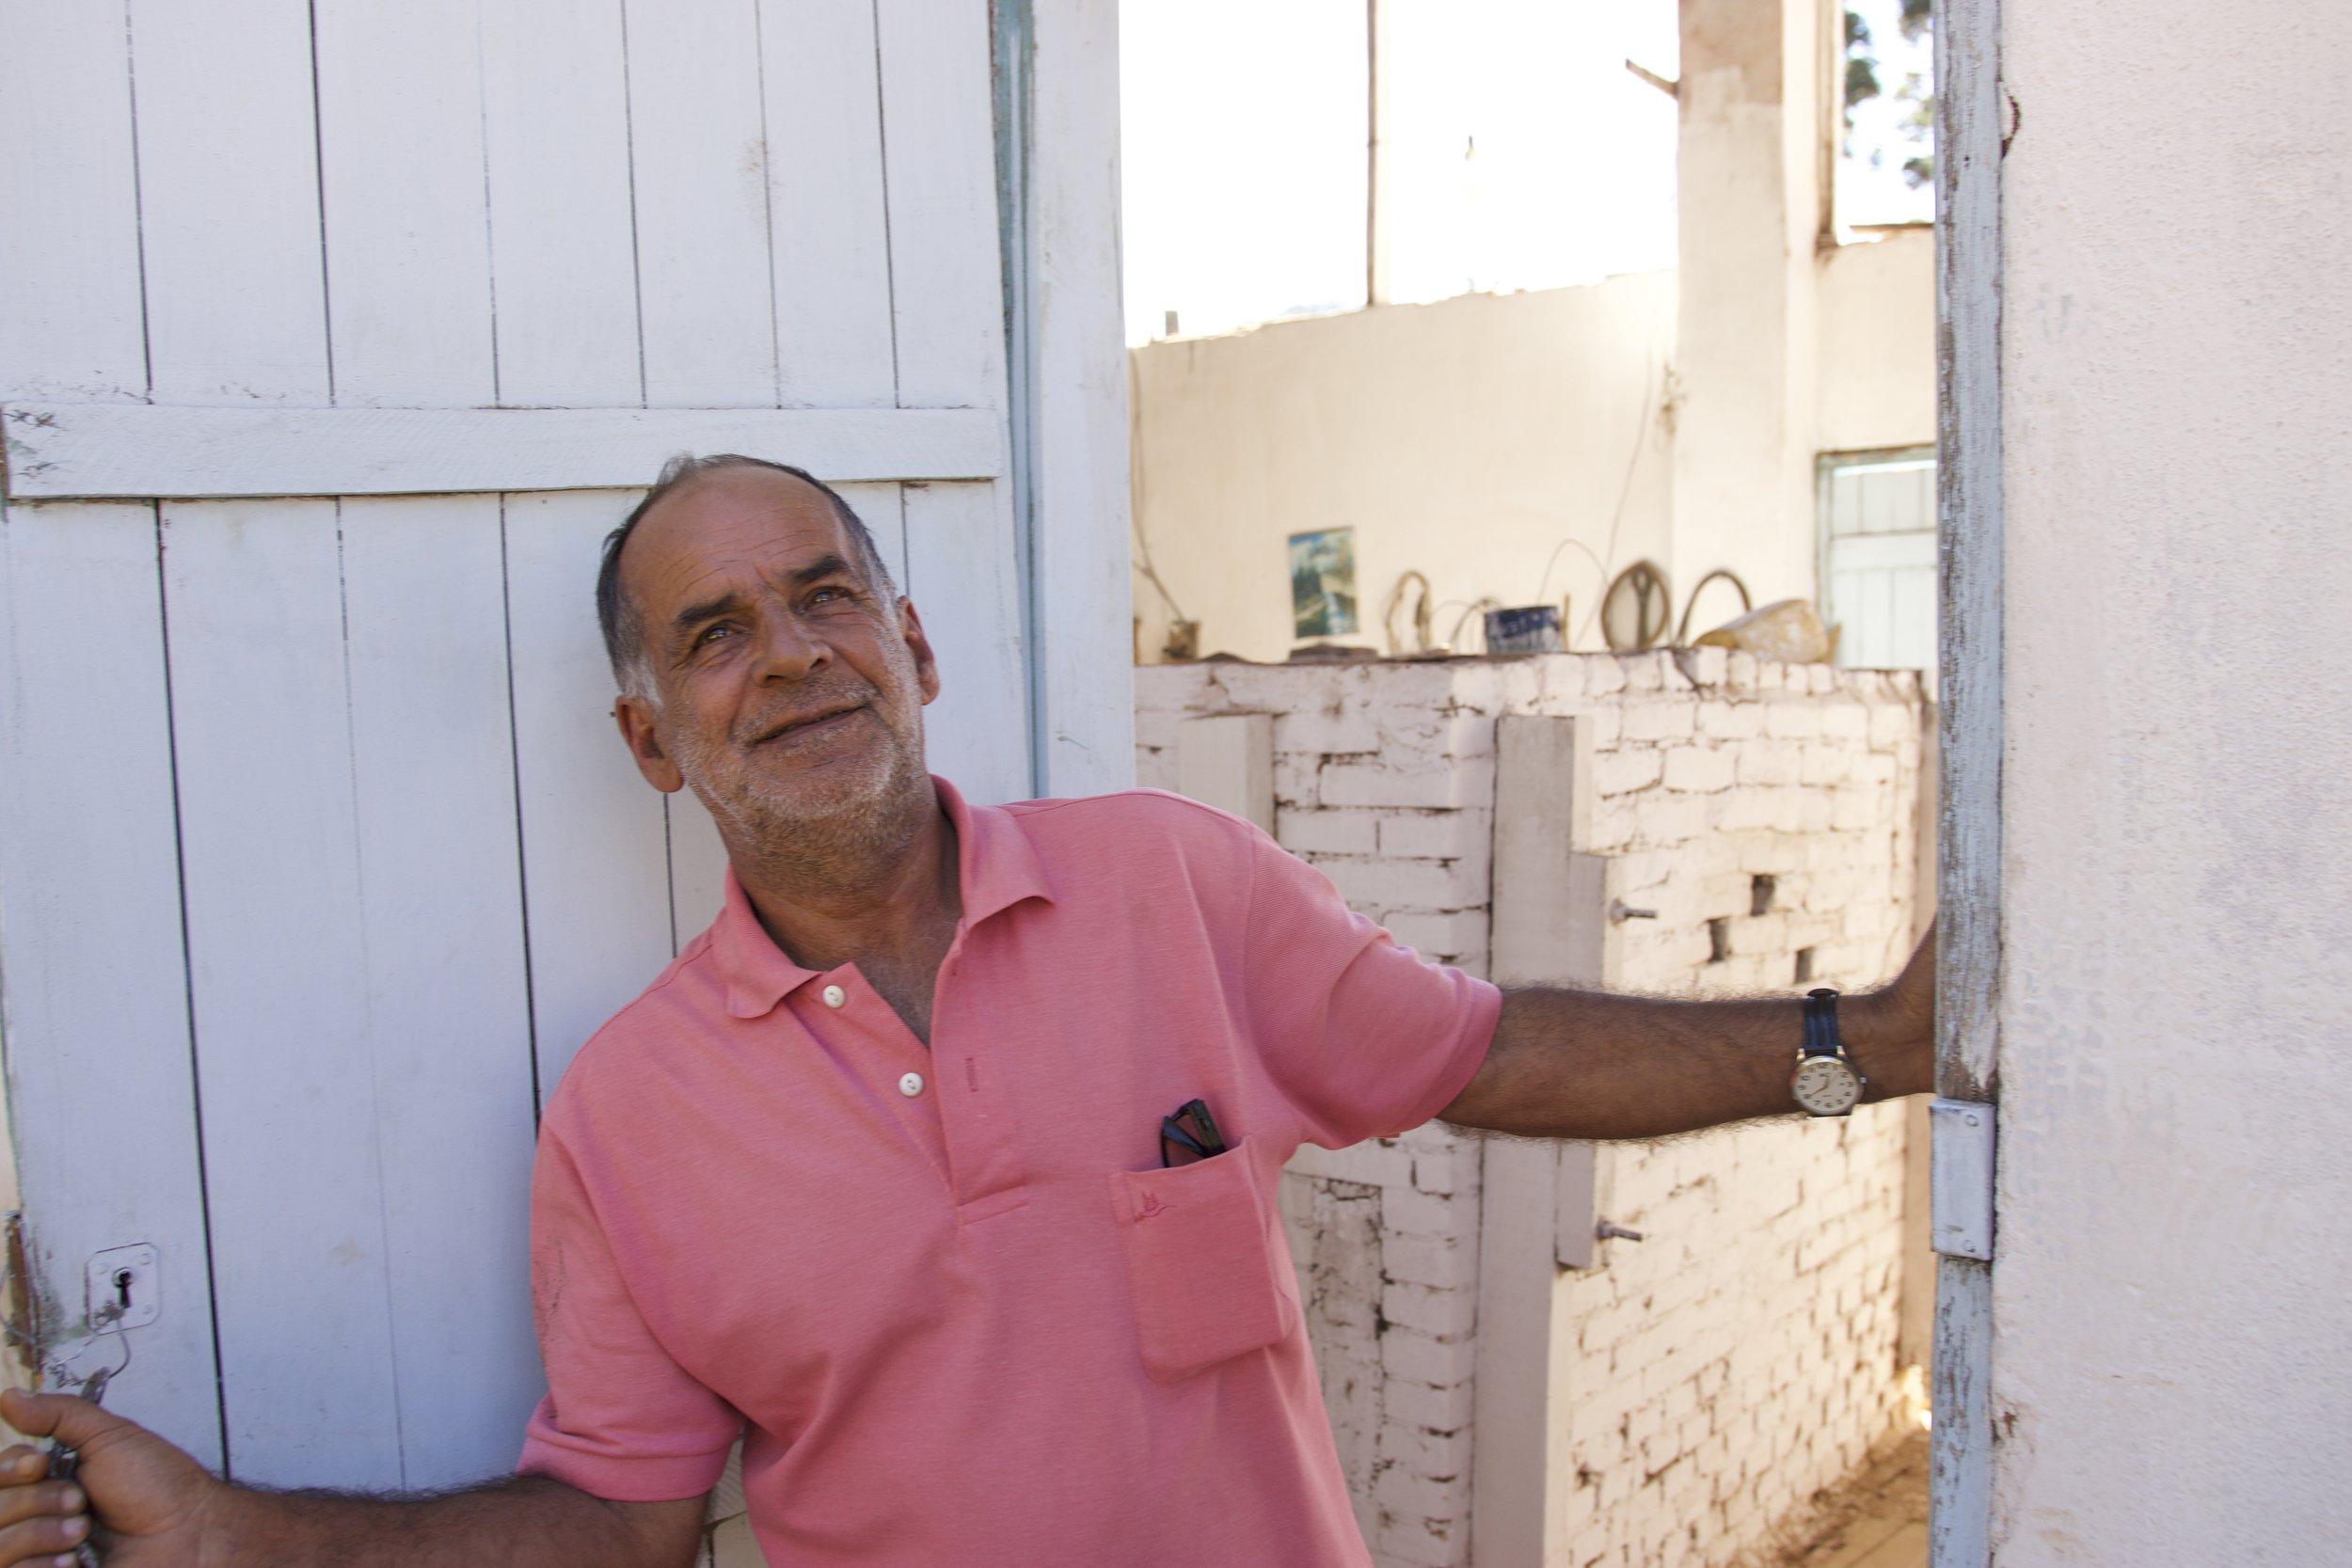 Paulo César Junqueira (Lilica) of Sítio Pinheirinho. Lilica has been a CCS partner since 2015.